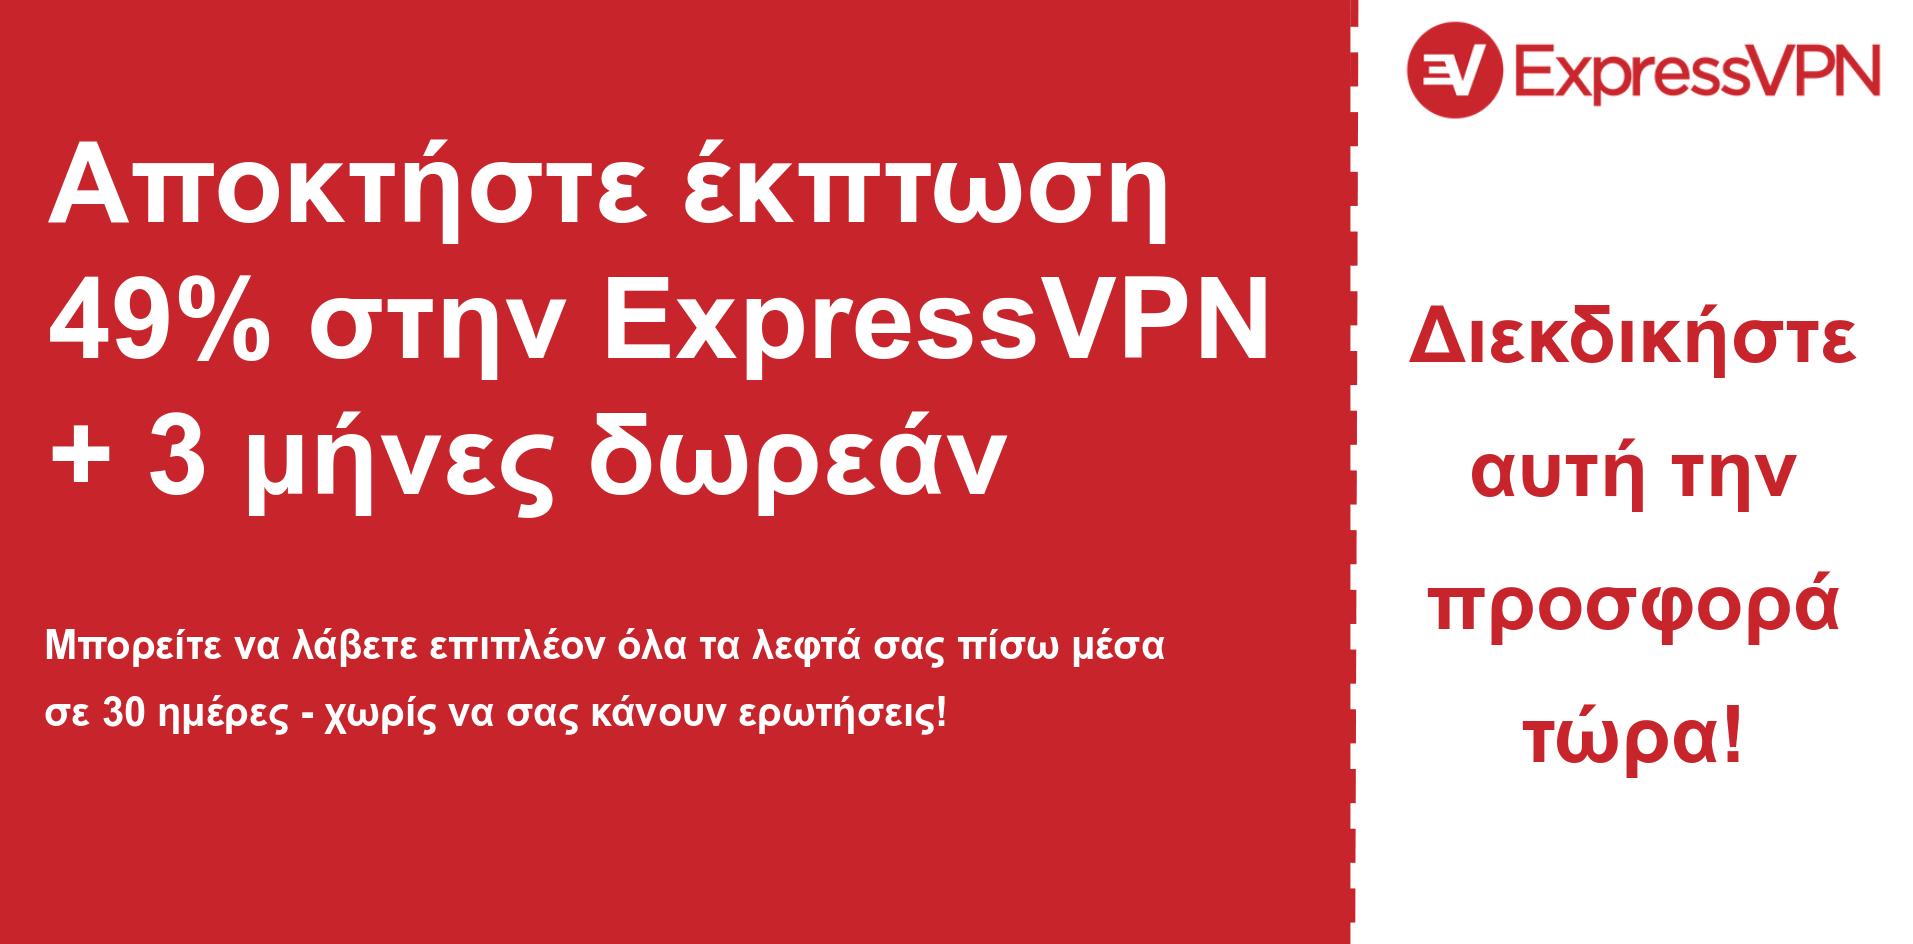 γραφικό του κύριου banner κουπονιού ExpressVPN που δείχνει έκπτωση 49%